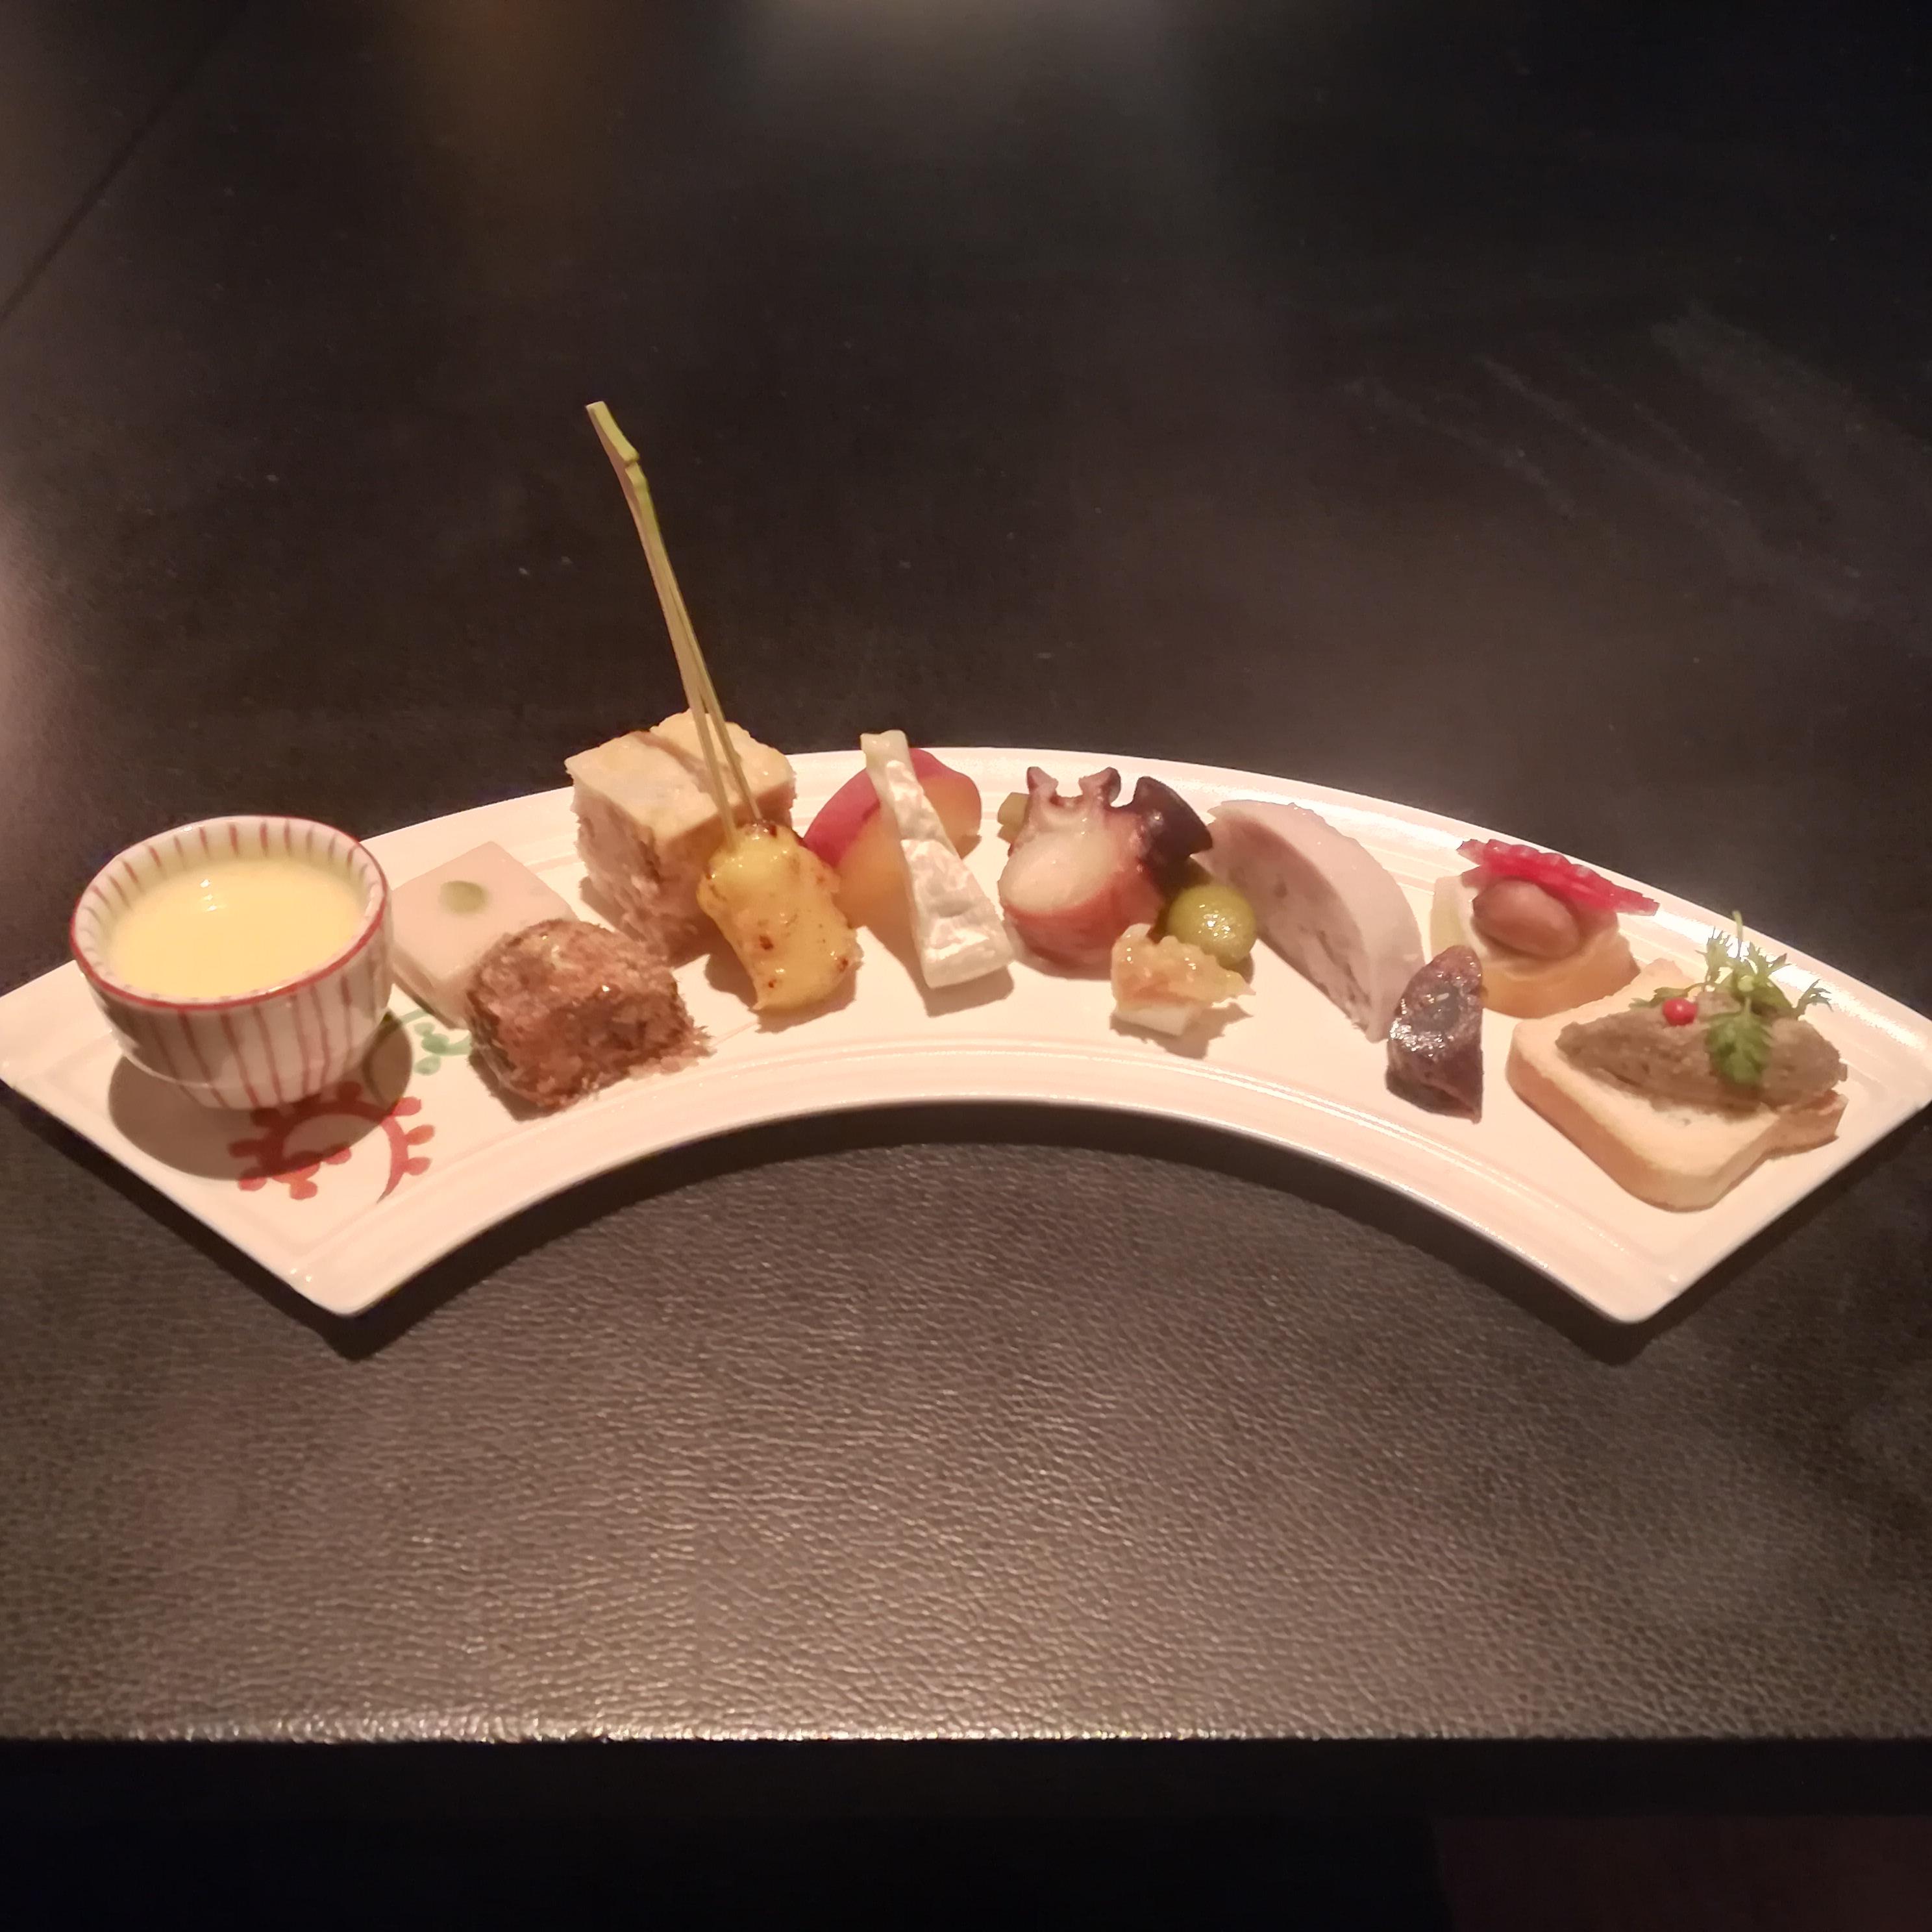 福岡の新日本料理「Assiette de MAKO(アシェット・ド・マコ)」の料理